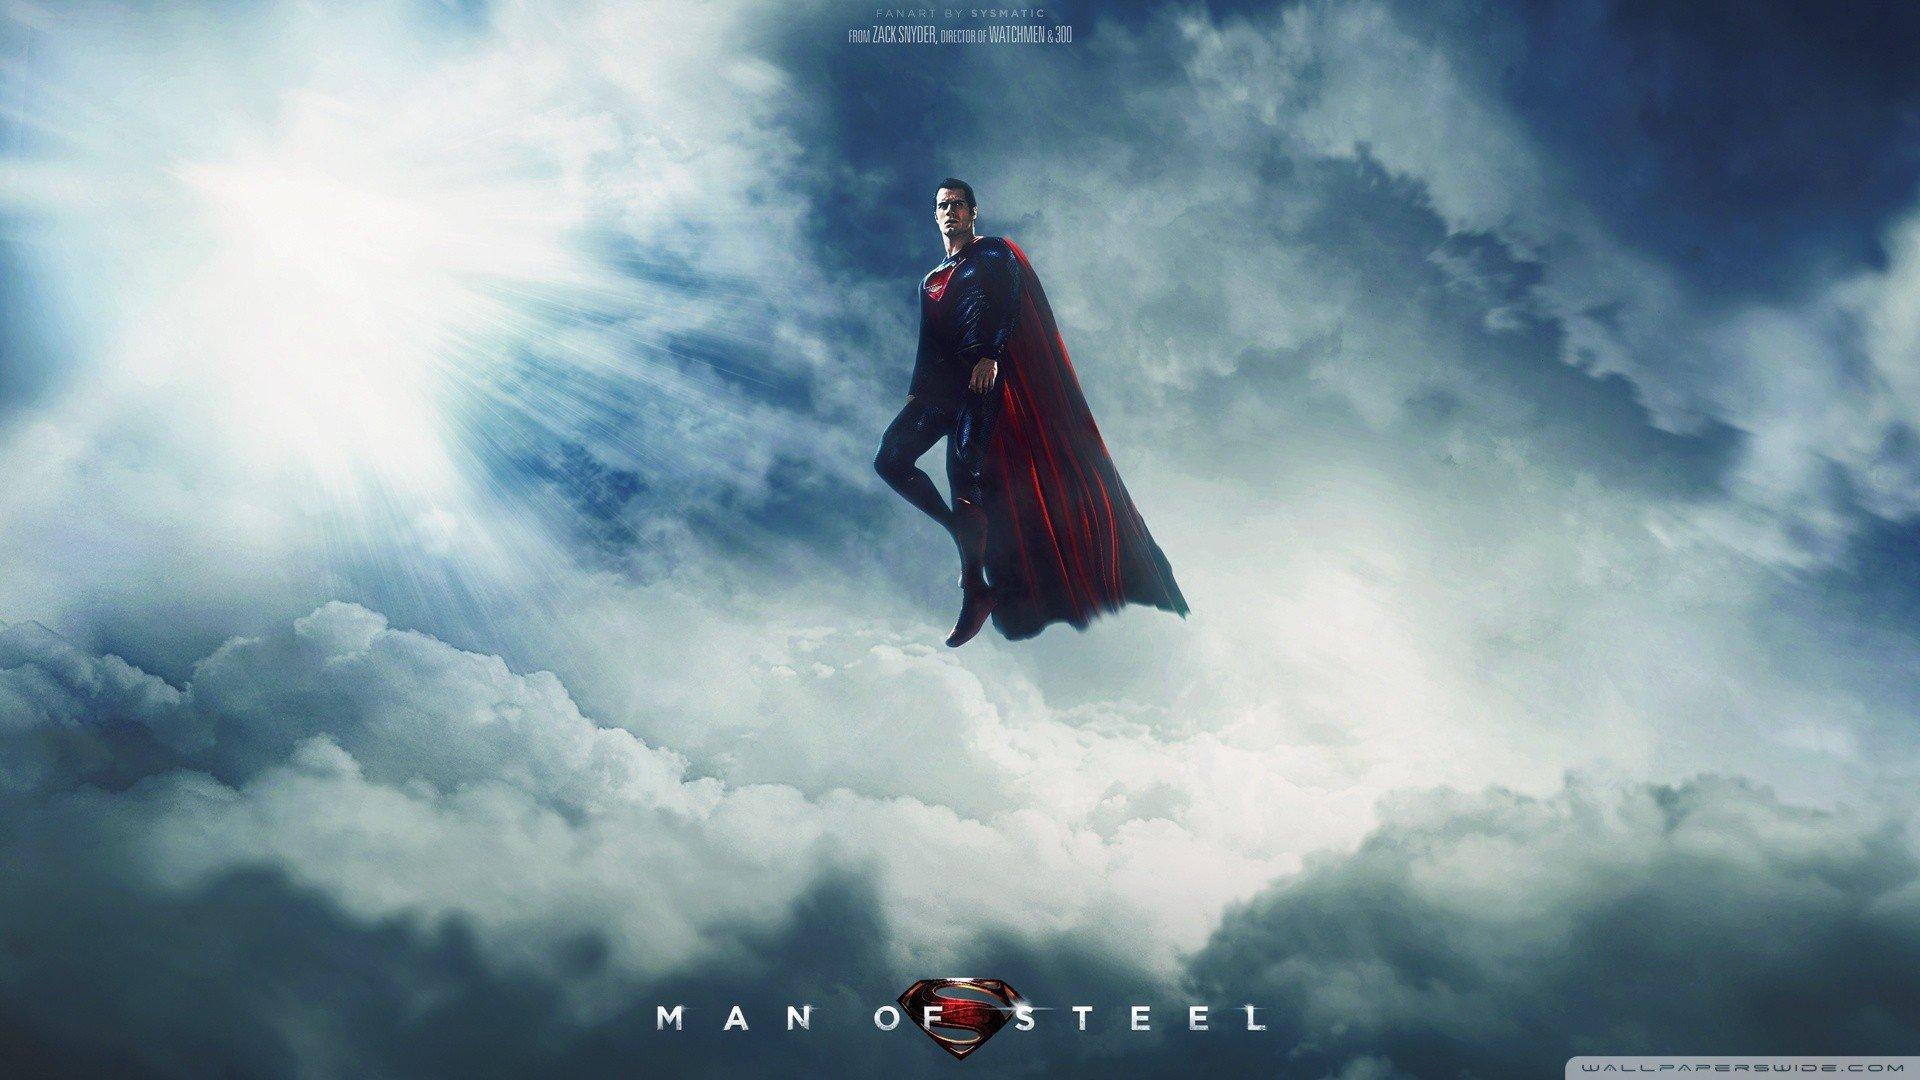 Man Of Steel Wallpaper Desktop - WallpaperSafari